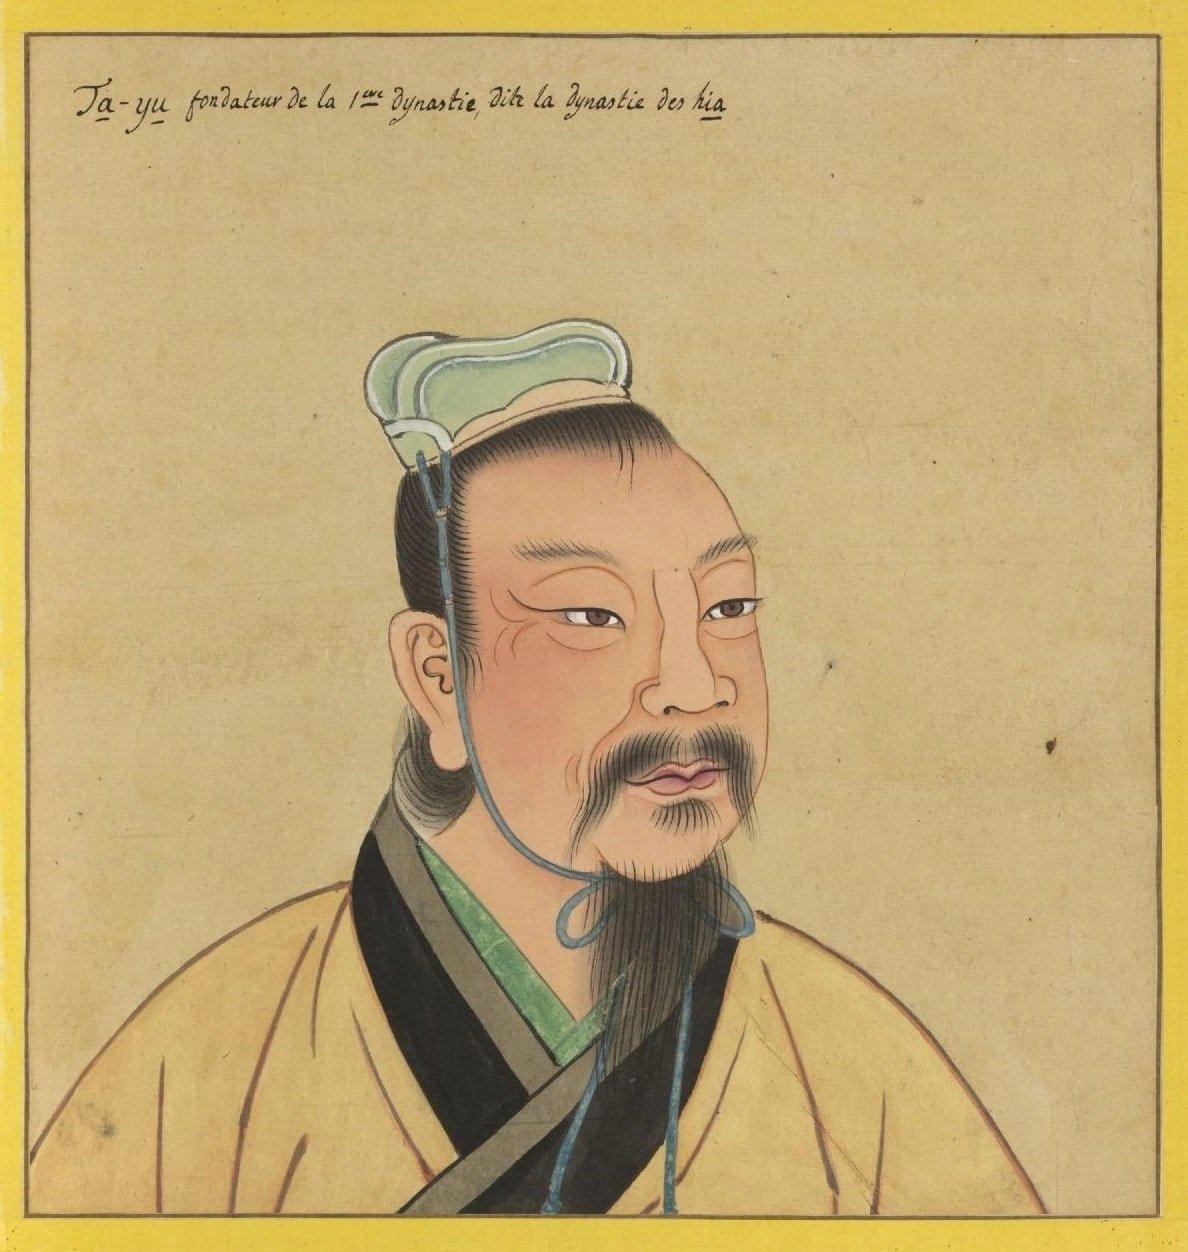 大禹像,出自《歷代帝王聖賢名臣大儒遺像》,18世紀繪製,法國國家圖書館藏。(公有領域)